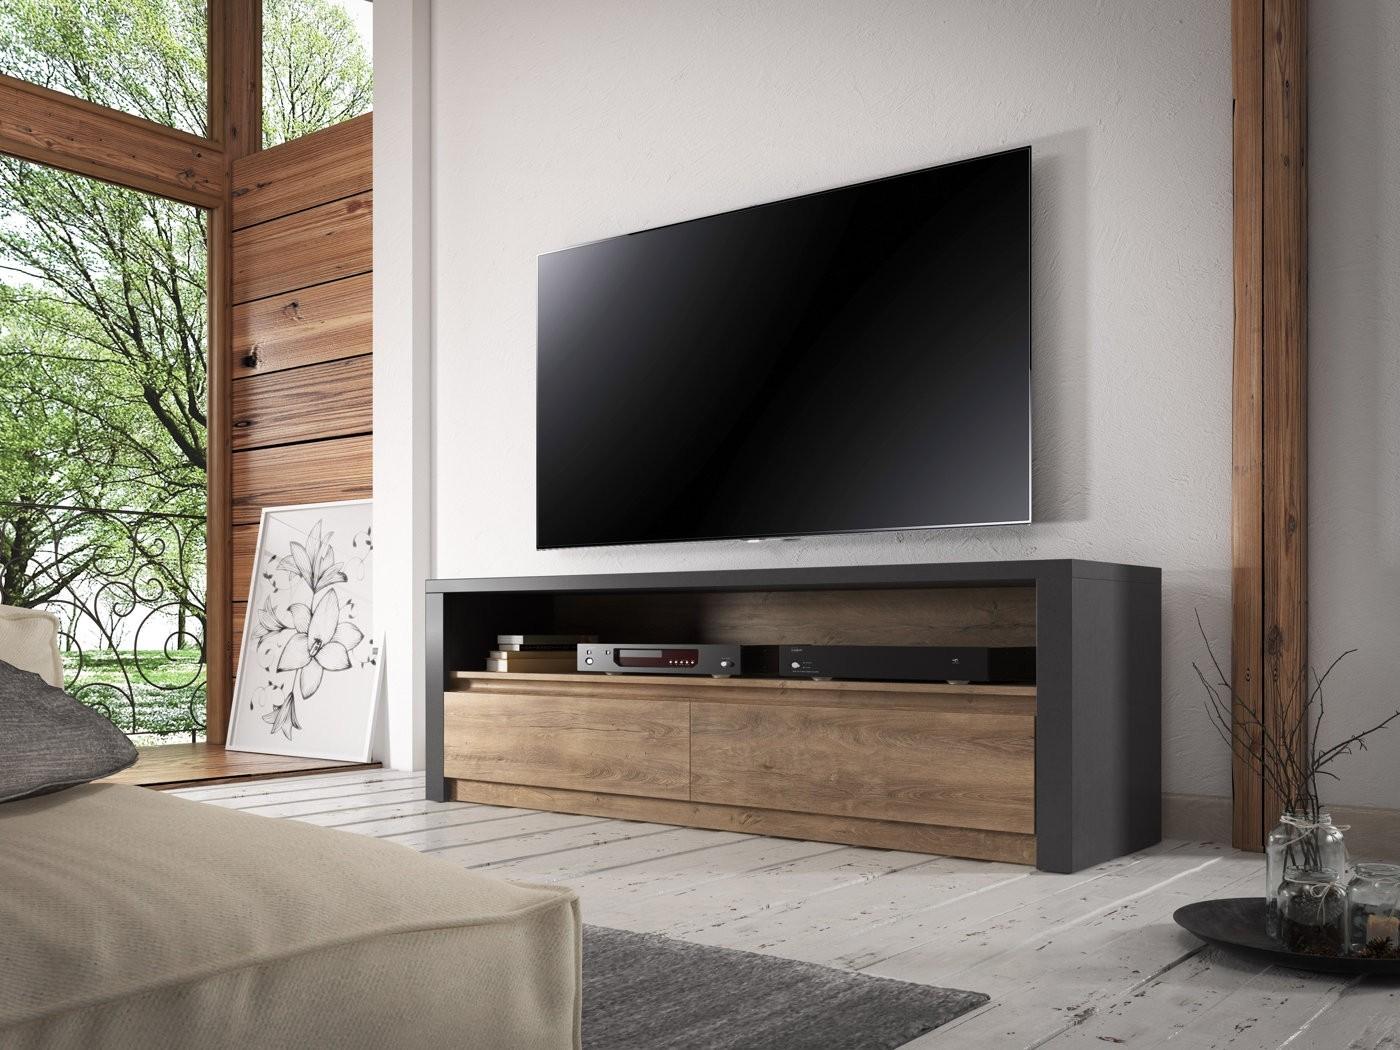 Tv Meubel Design Eiken.Tv Meubel Monaco Eiken Grijs 130 Cm Actie